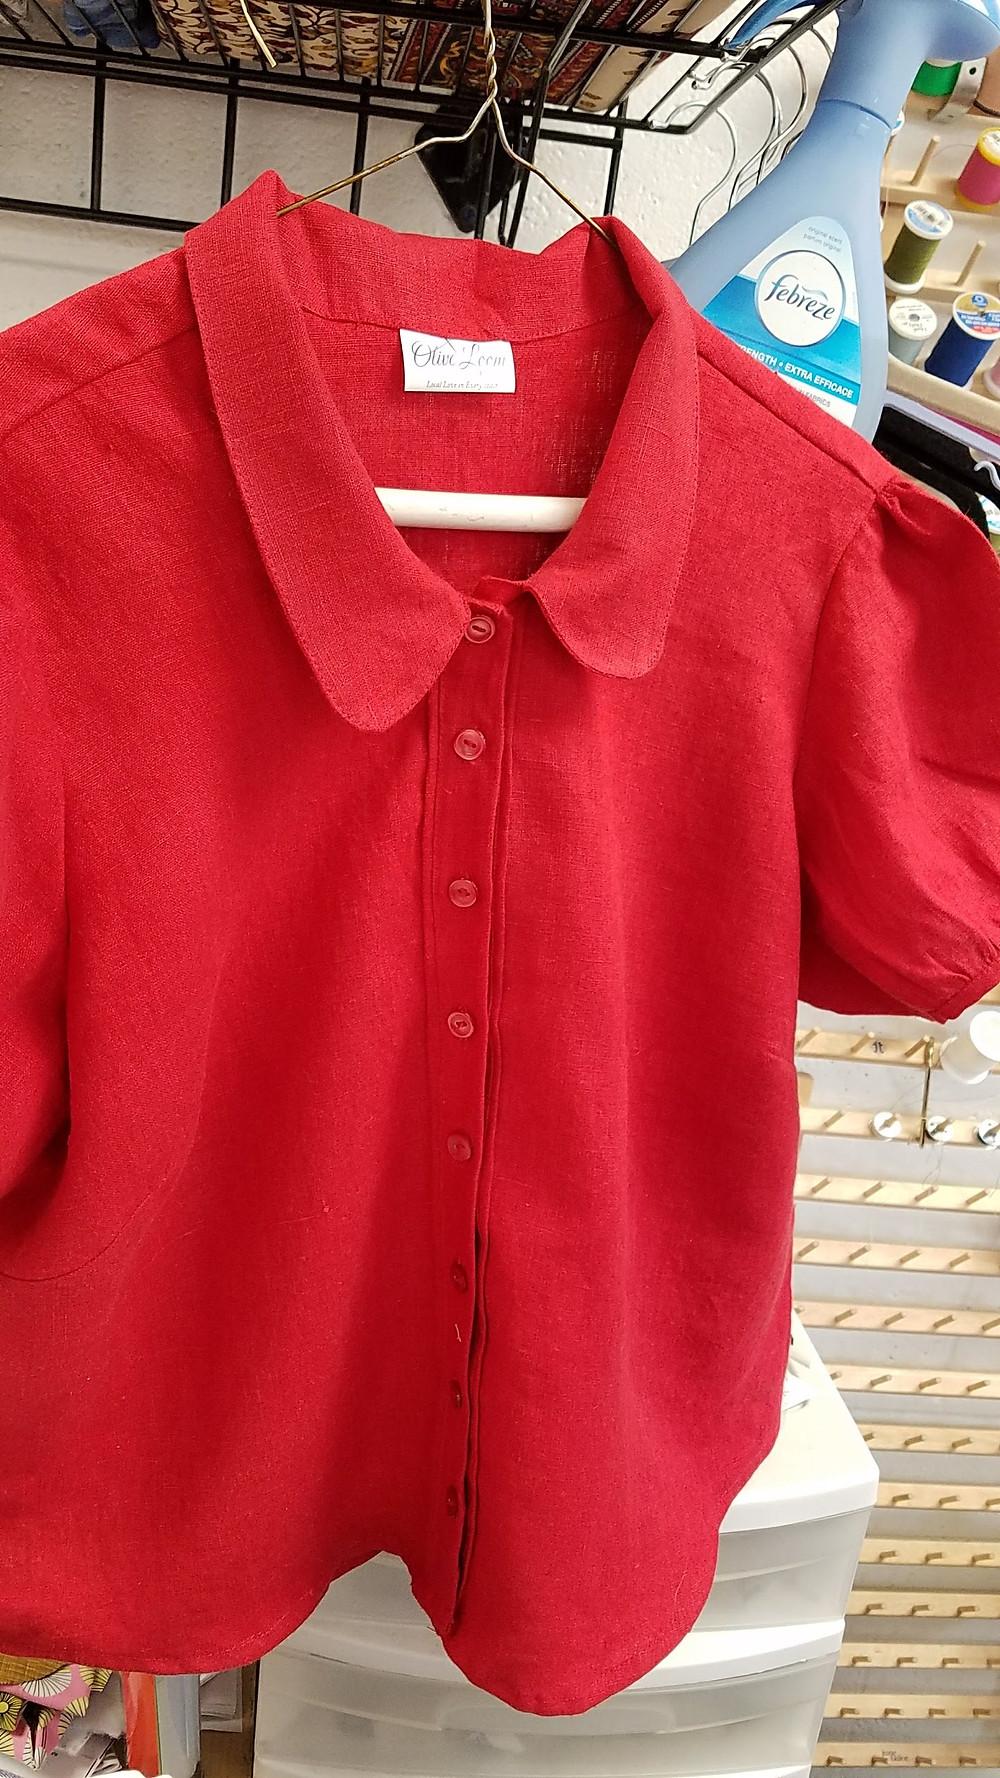 Custom red linen blouse